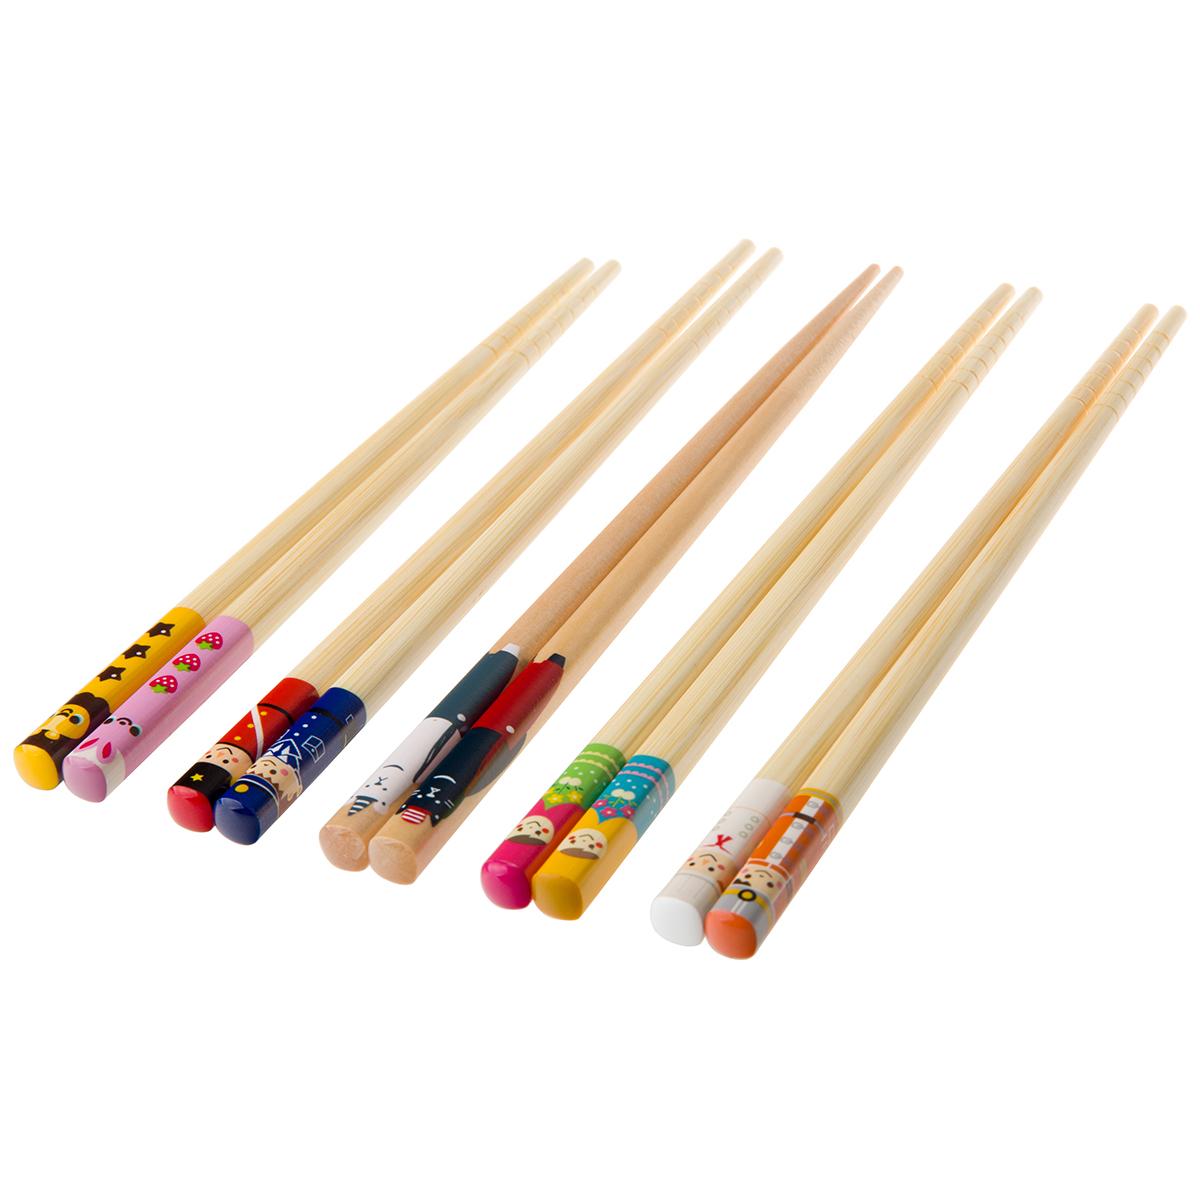 儿童筷子家用宝宝小孩筷可爱卡通幼儿园训练筷餐具木质短快子套装